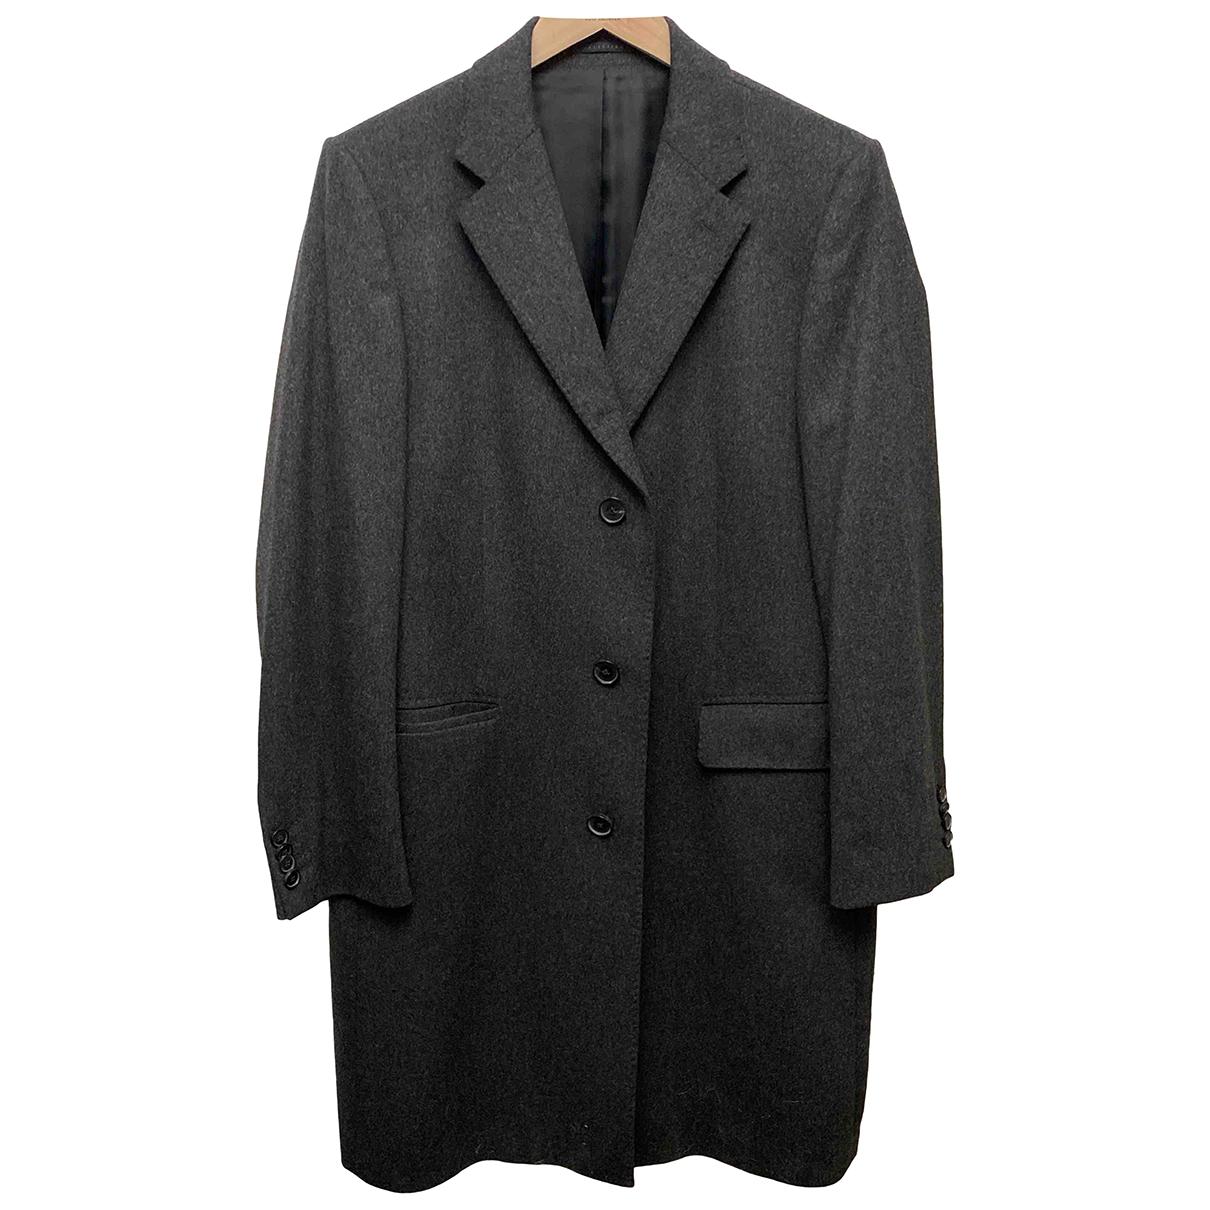 Hugo Boss - Manteau   pour homme en cachemire - anthracite